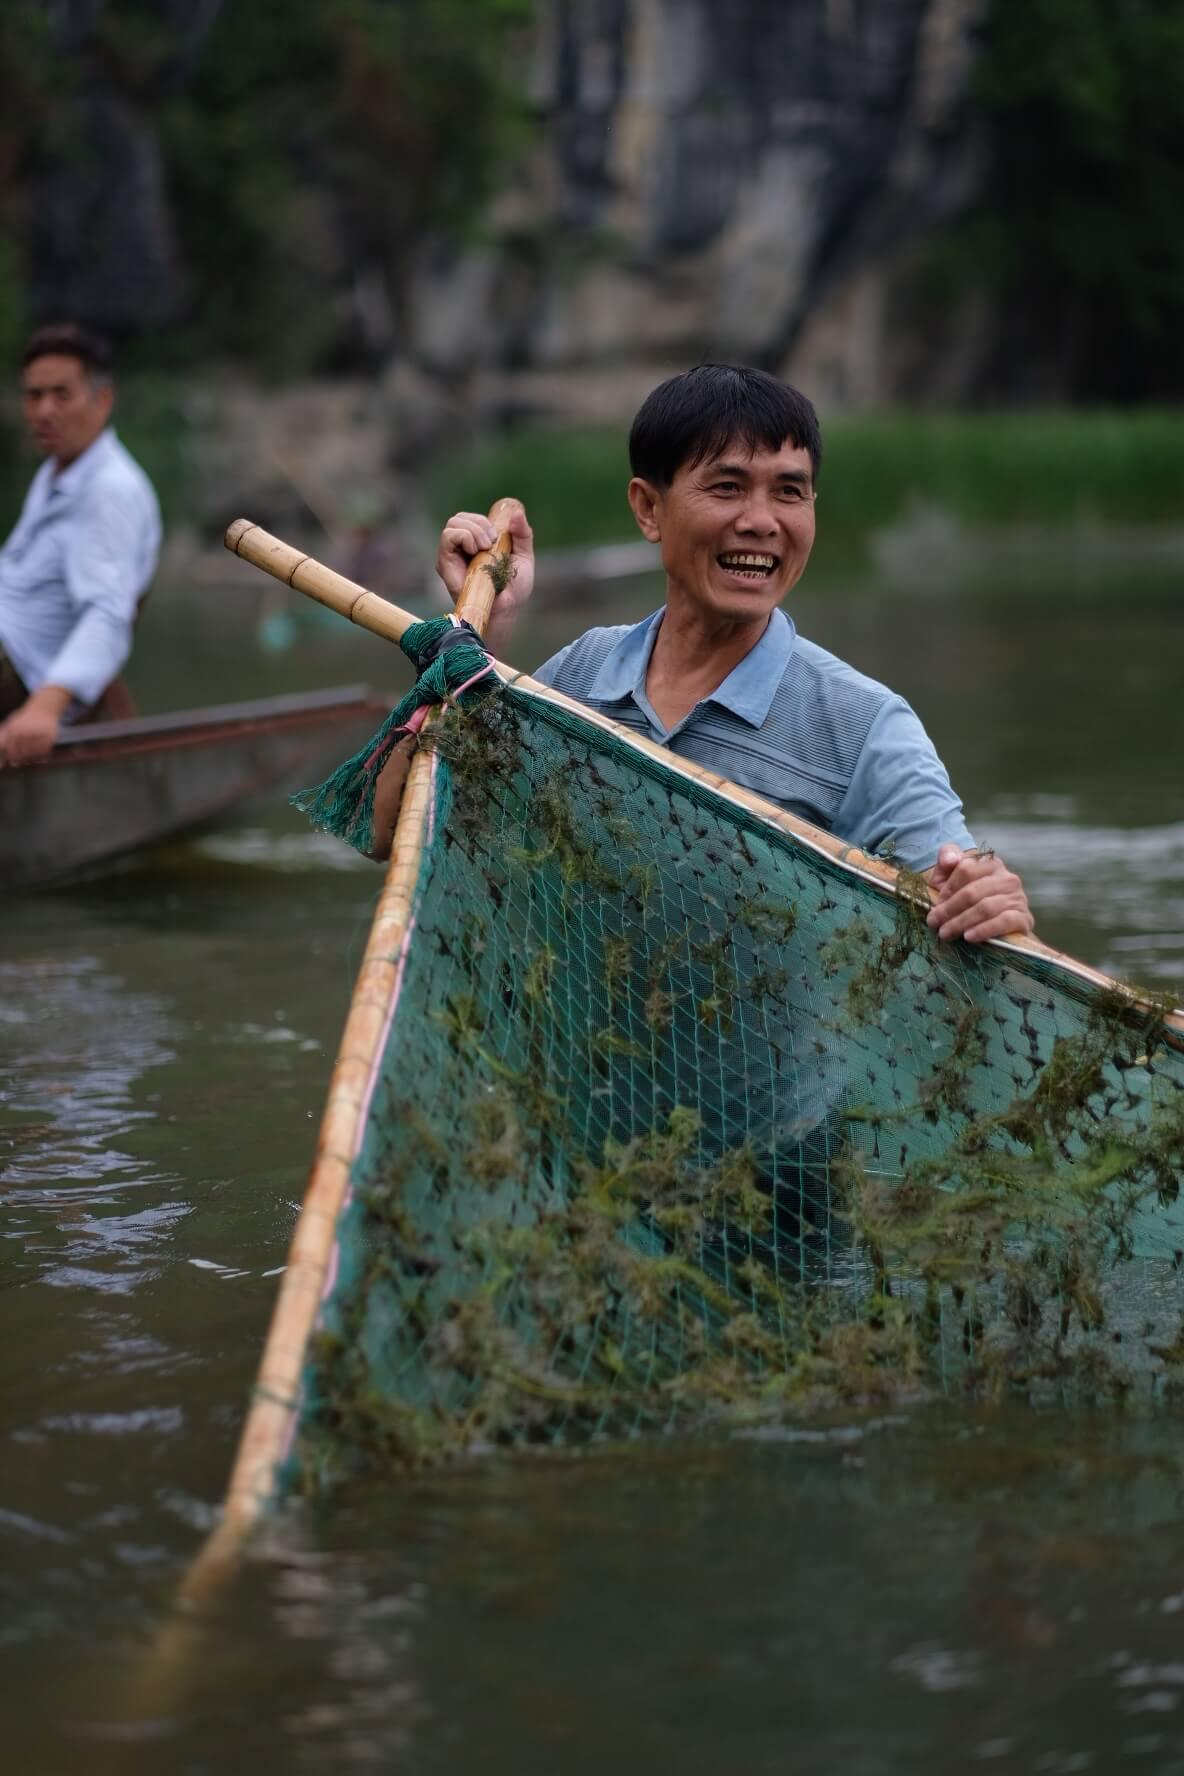 pescador no rio tam coc